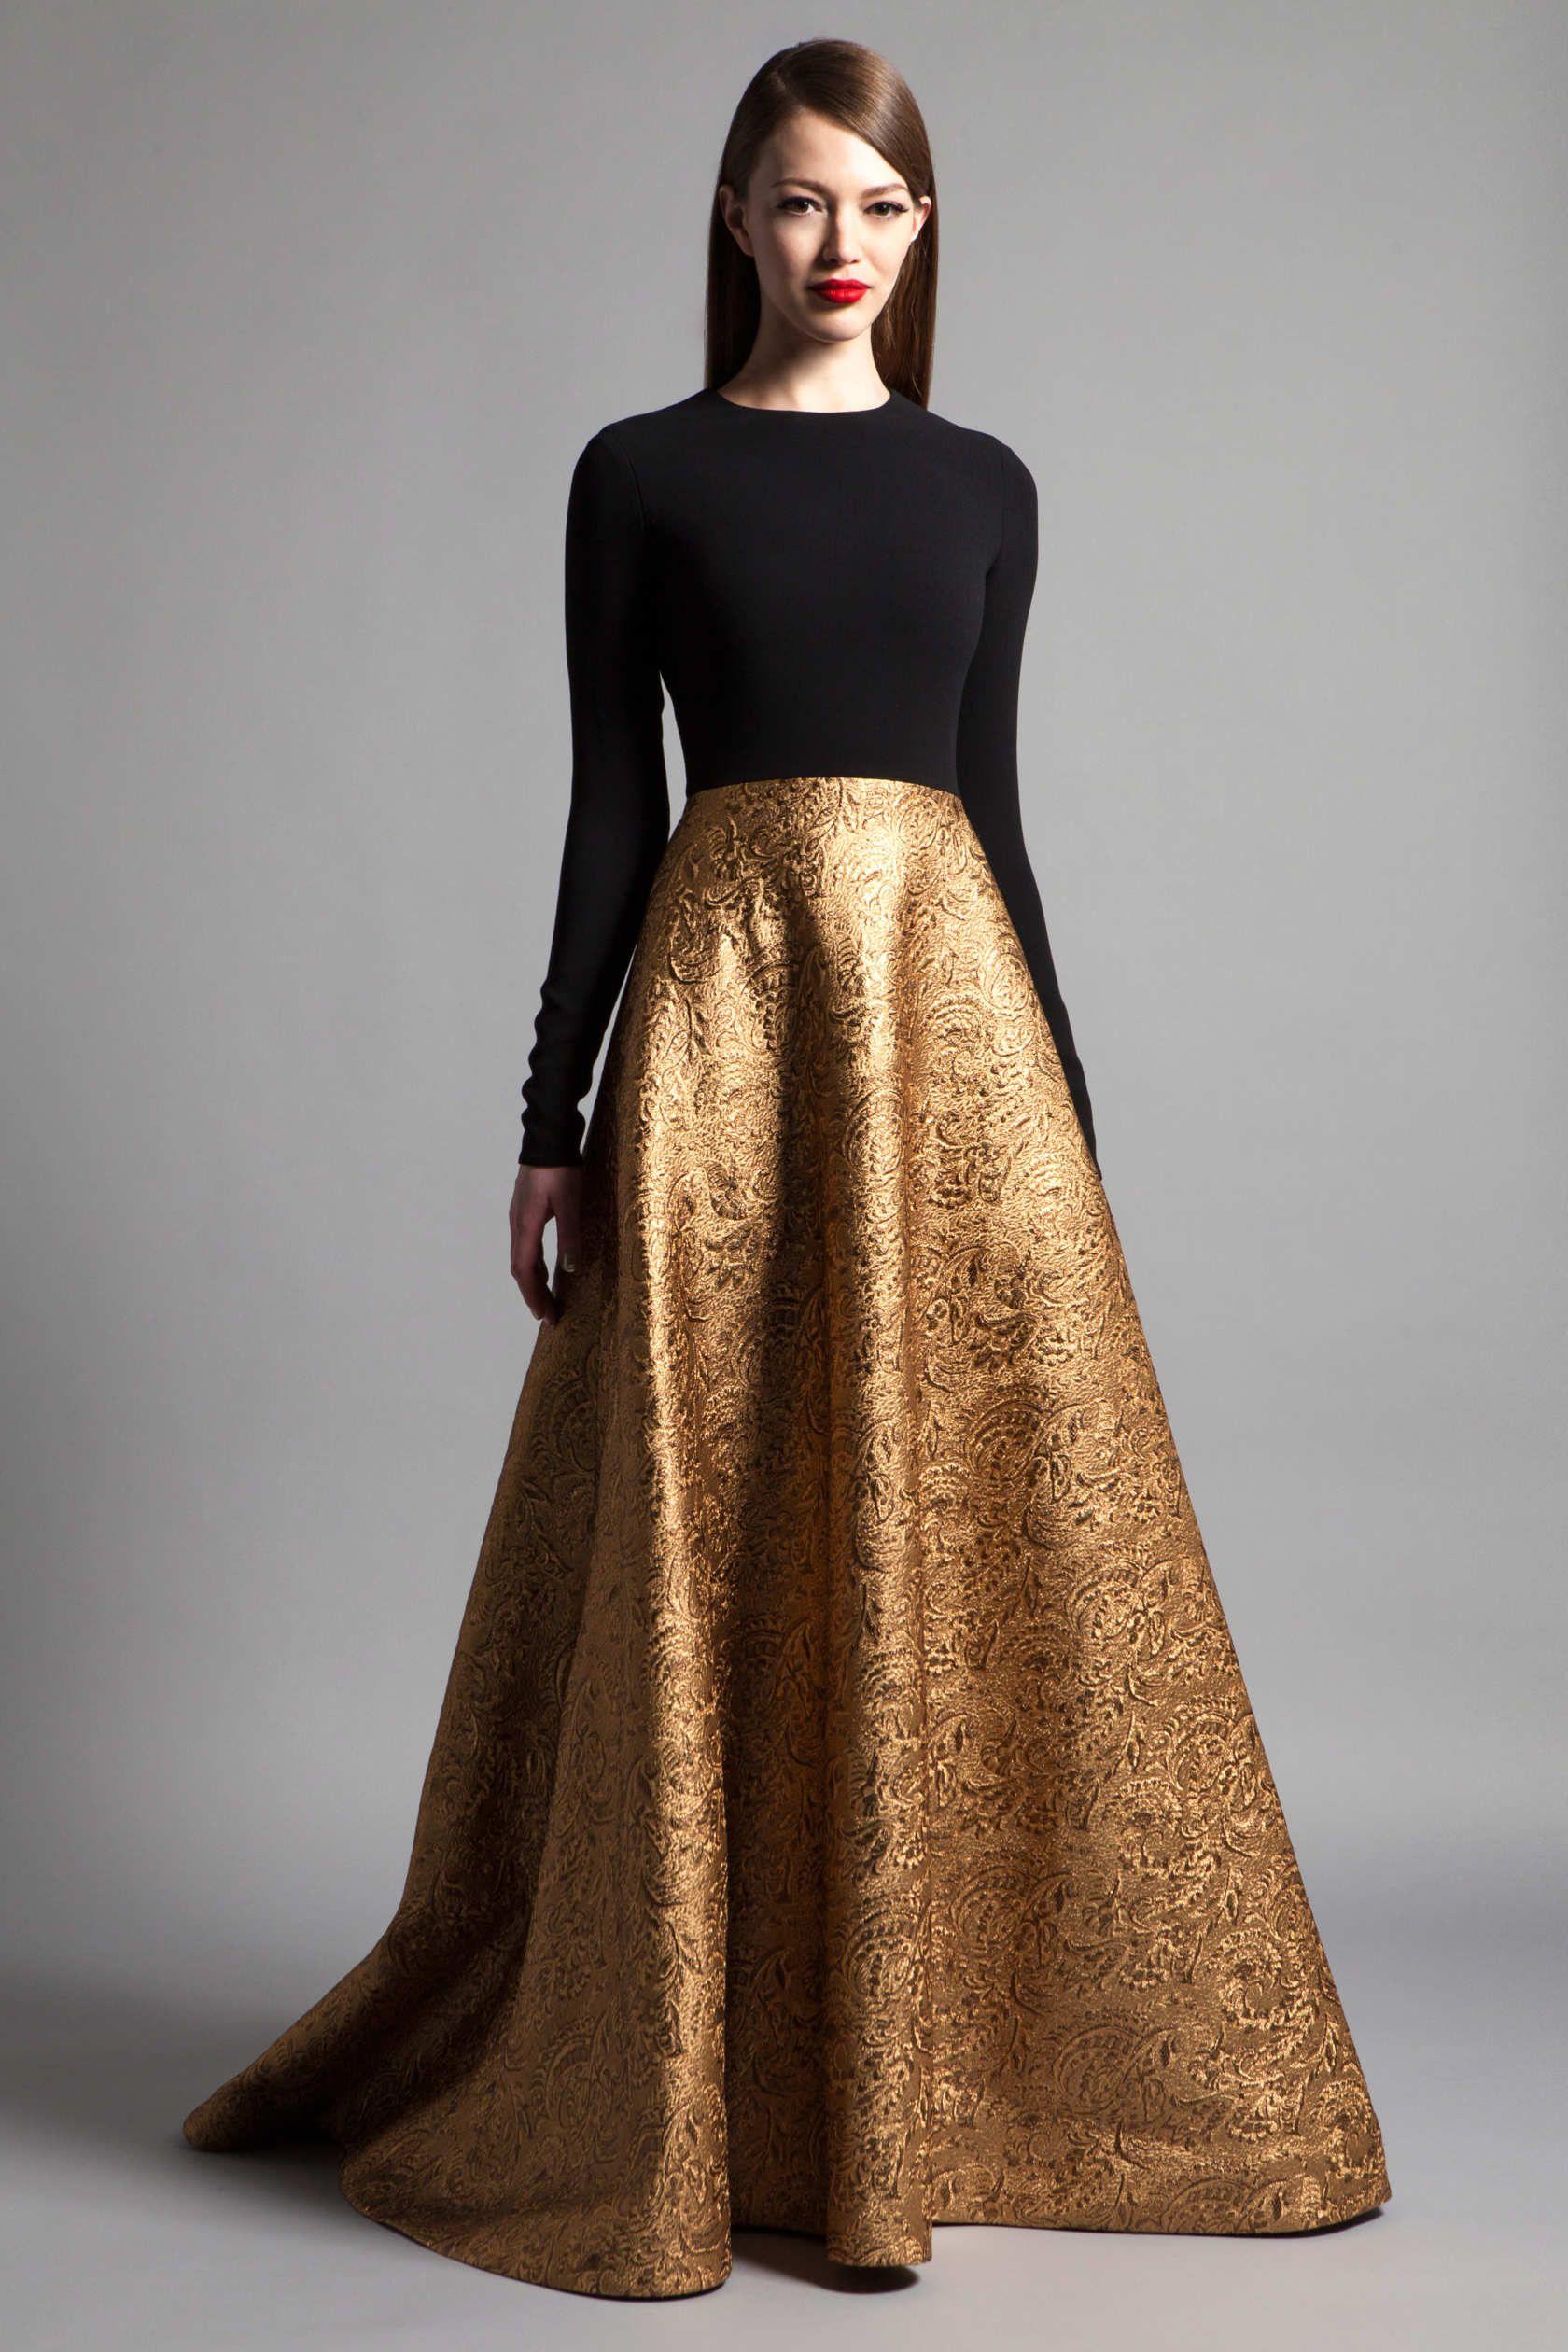 Romona keveza clothing inspiration pinterest fashion dresses